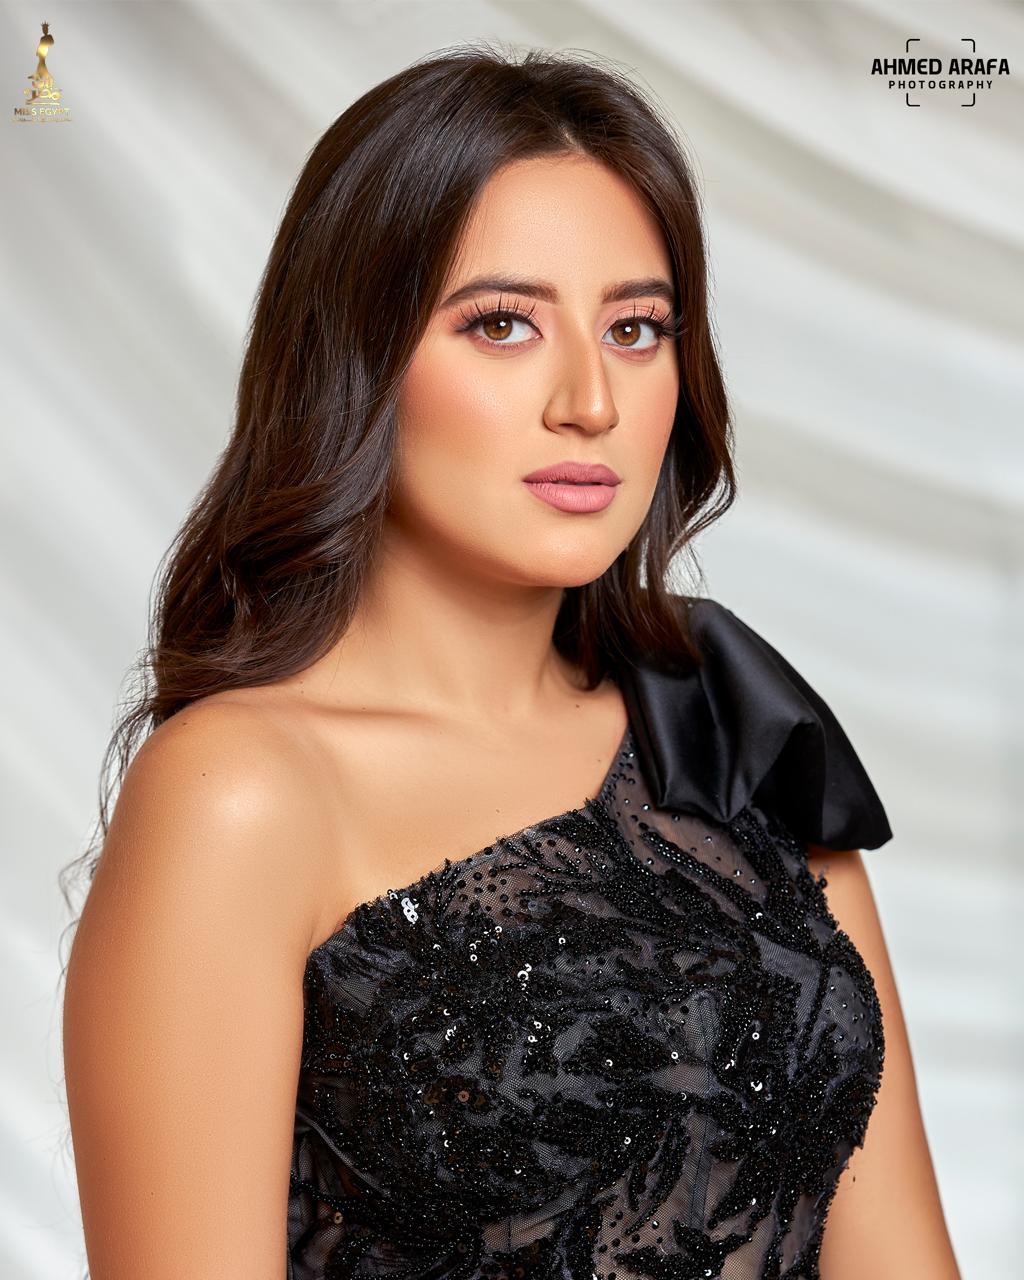 ملكة جمال مصر للسياحة والبيئة (9)